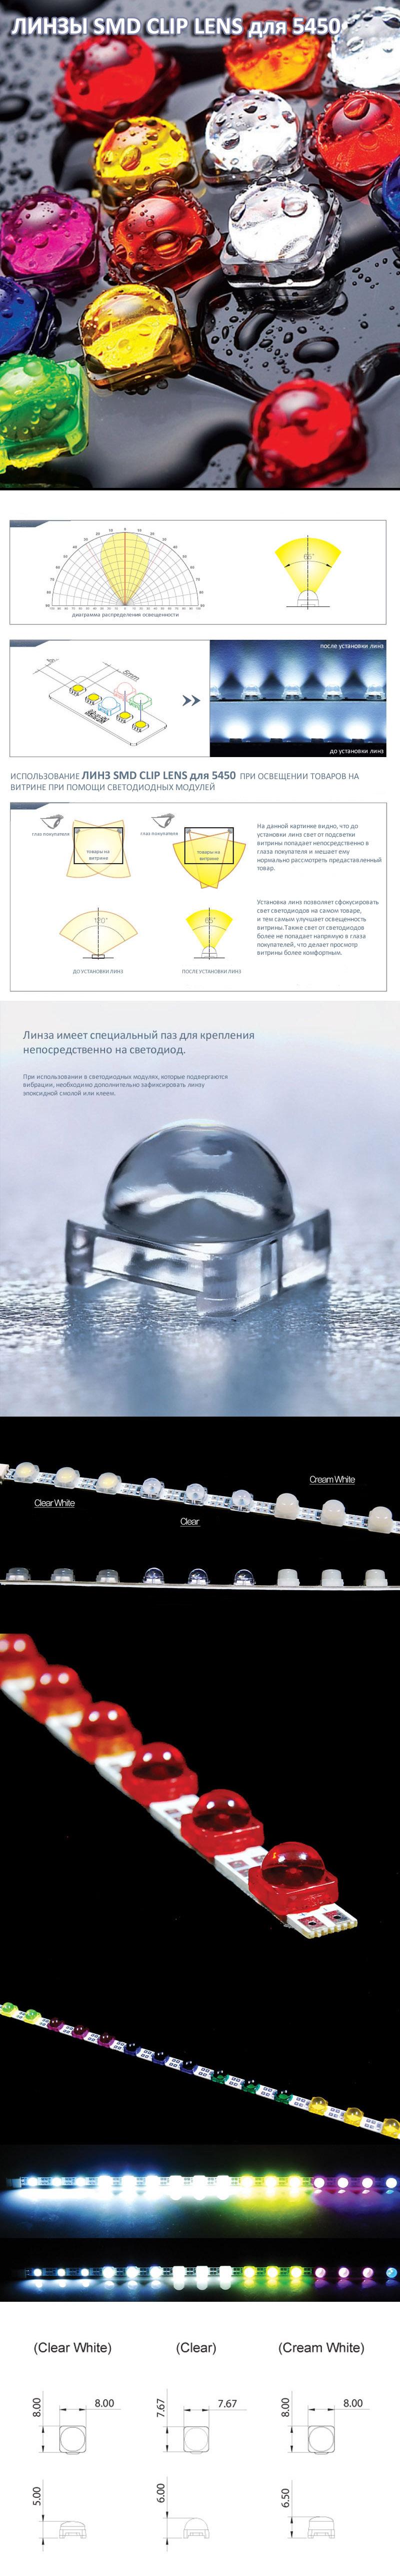 Линза SMD CLIP LENS для 5450 FLUORESCENT (флюоресцентная)